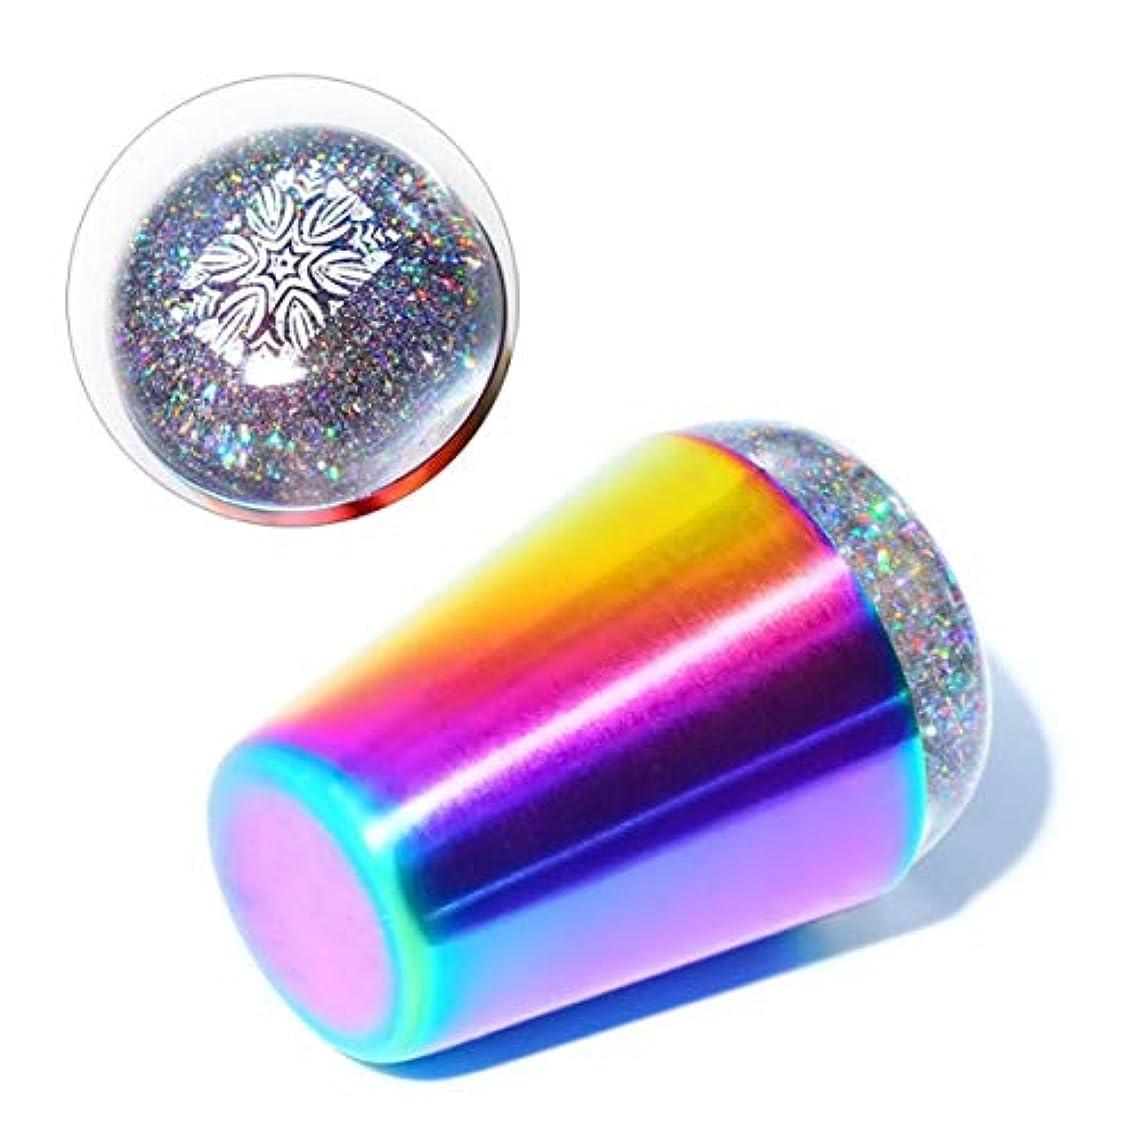 中級無傷反対するWadachikis 最高の販売透明な釘スタンパースクレーパーホログラフィック虹ハンドルネイルアートツール(None B)